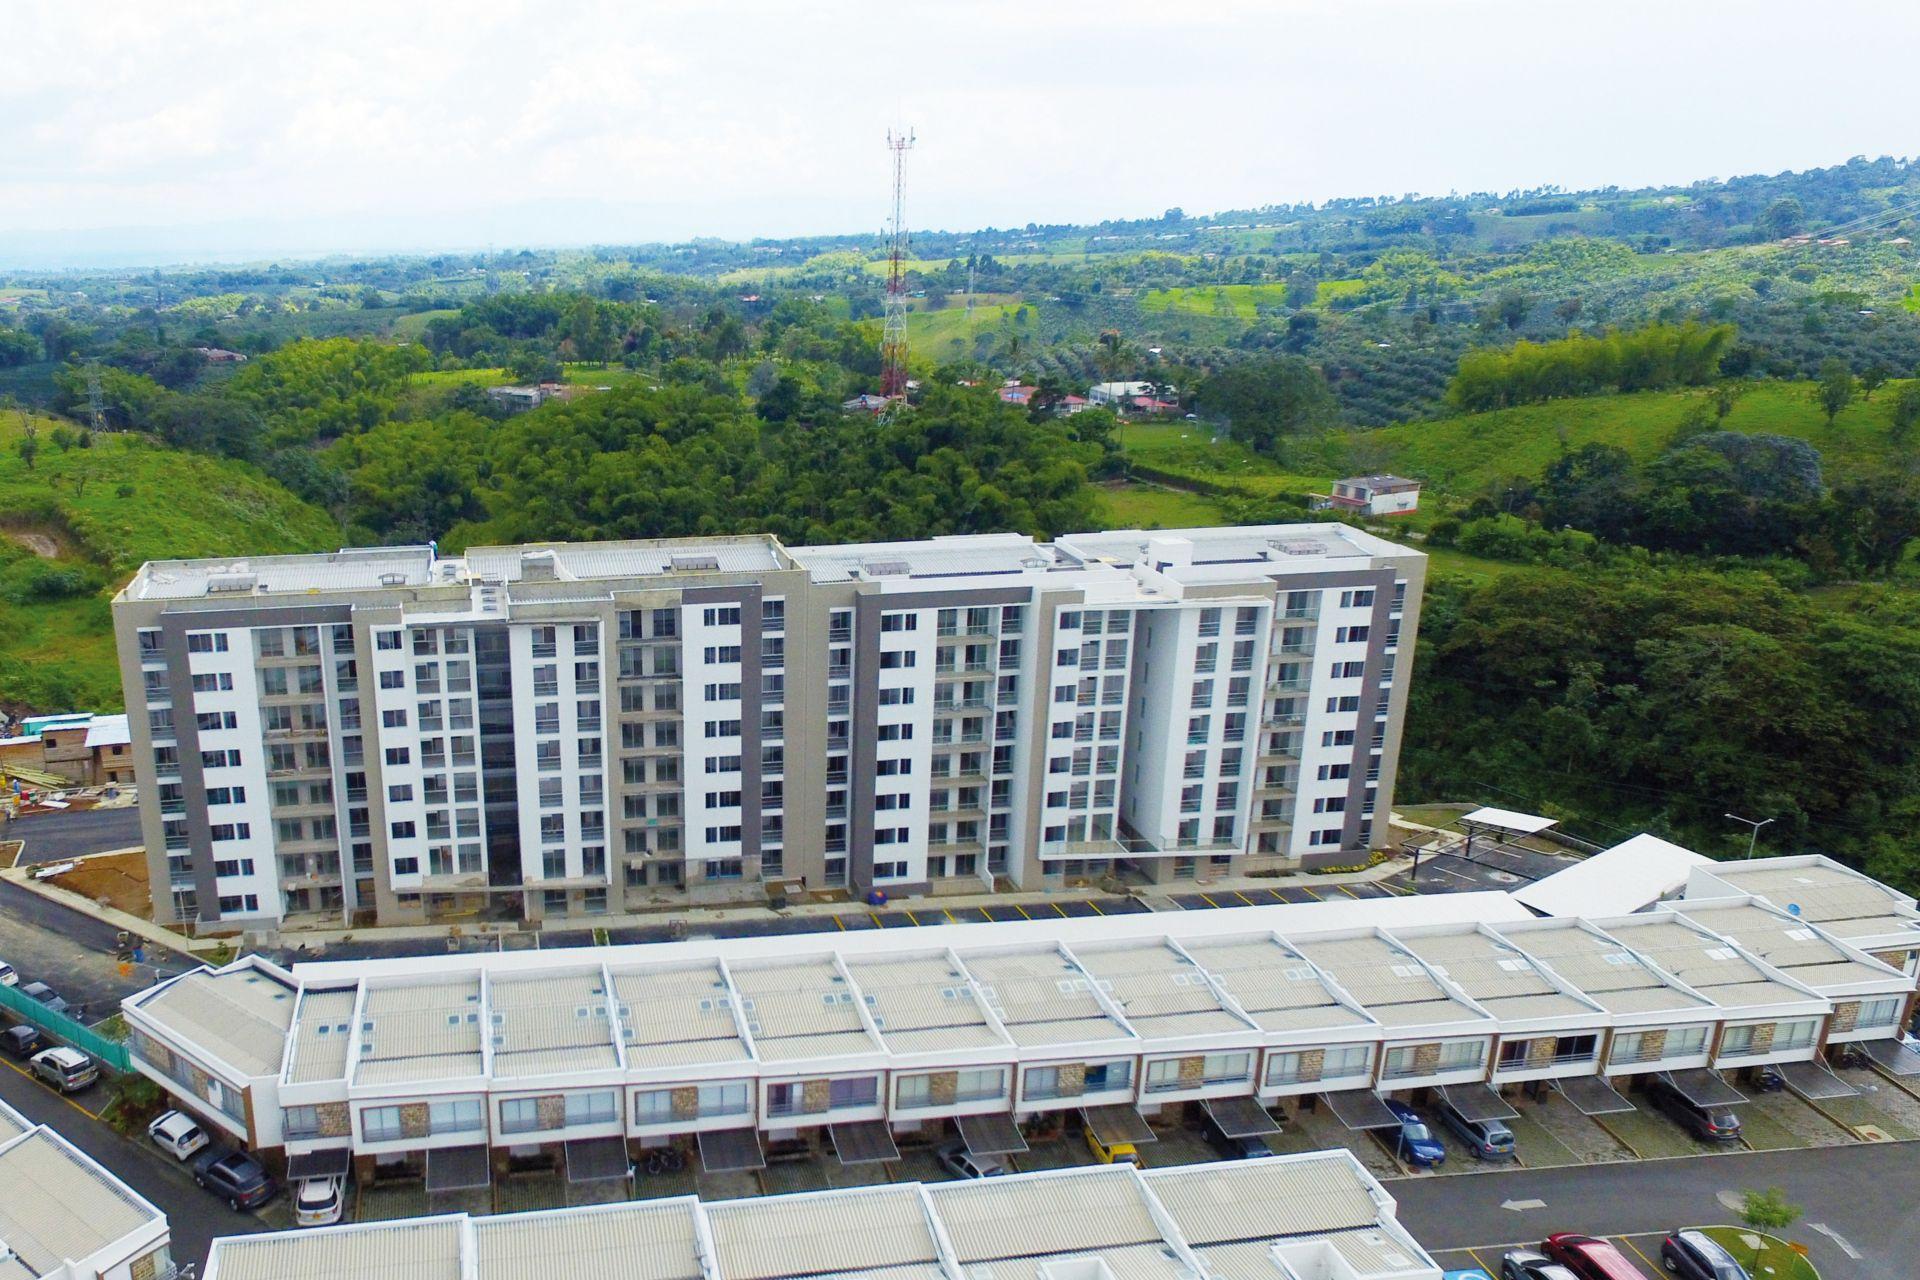 Residential complex Mirador De Los Ocobos Armenia, Colombia